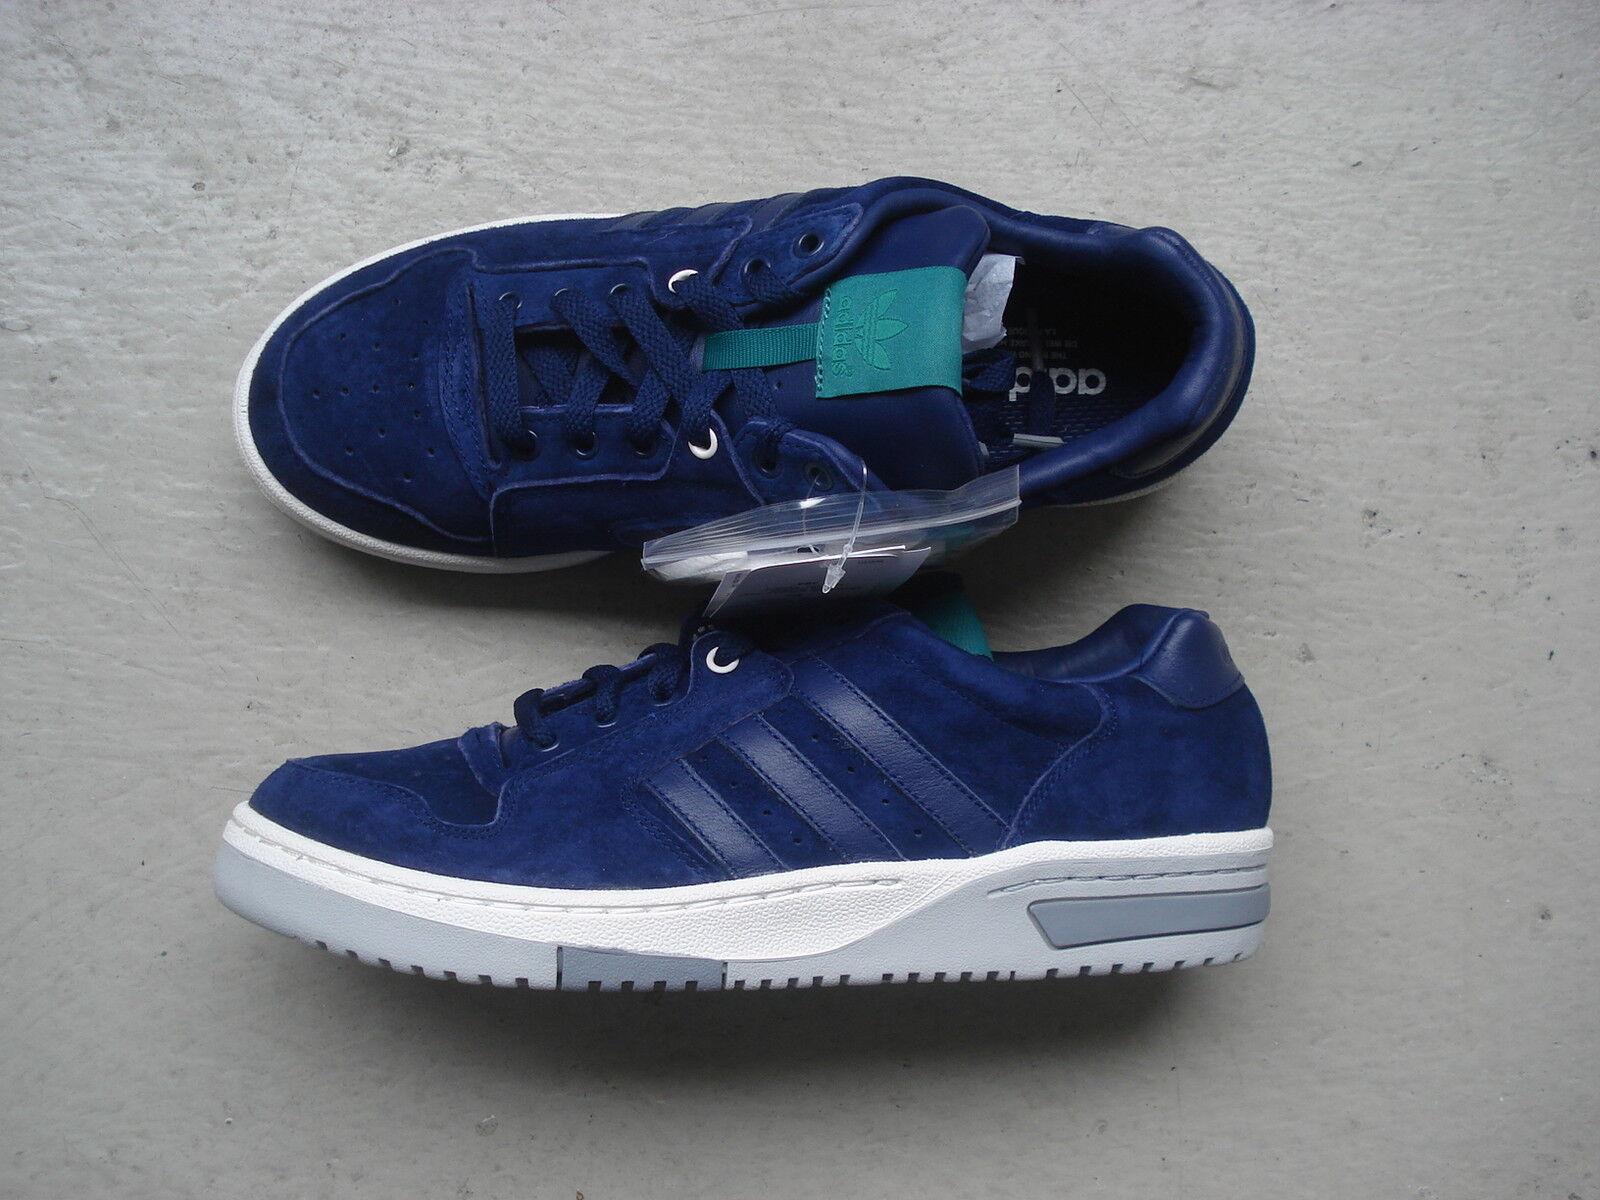 Adidas Edberg 86 46 Originals Night Sky/Sub Green/blanc Vapor